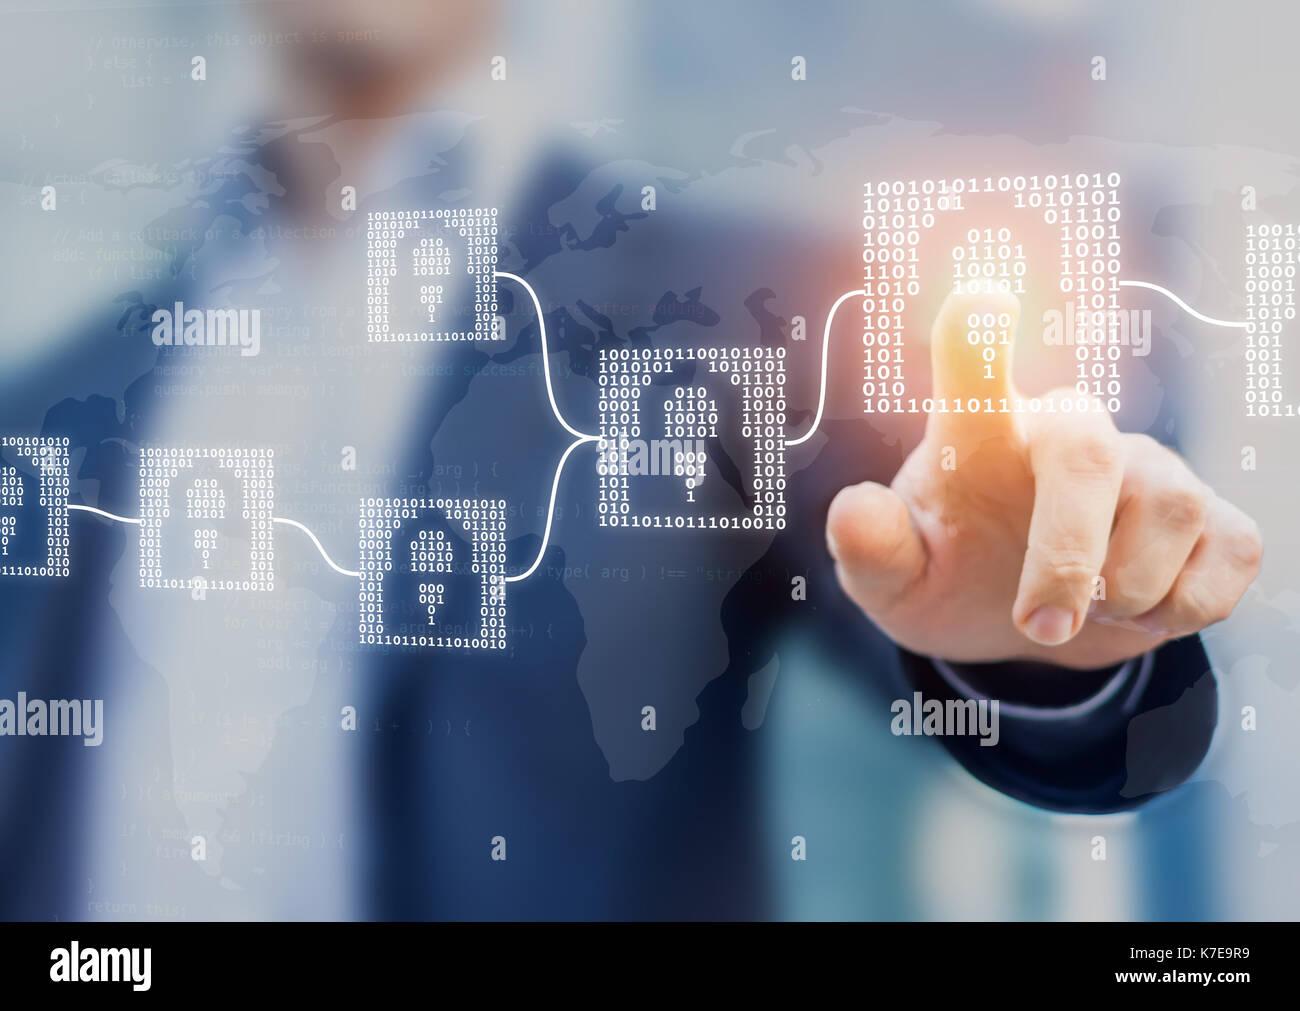 Blockchain cryptocurrency finanziaria il concetto di tecnologia con codice binario blocchi collegati e persona toccando interfaccia, fintech Immagini Stock